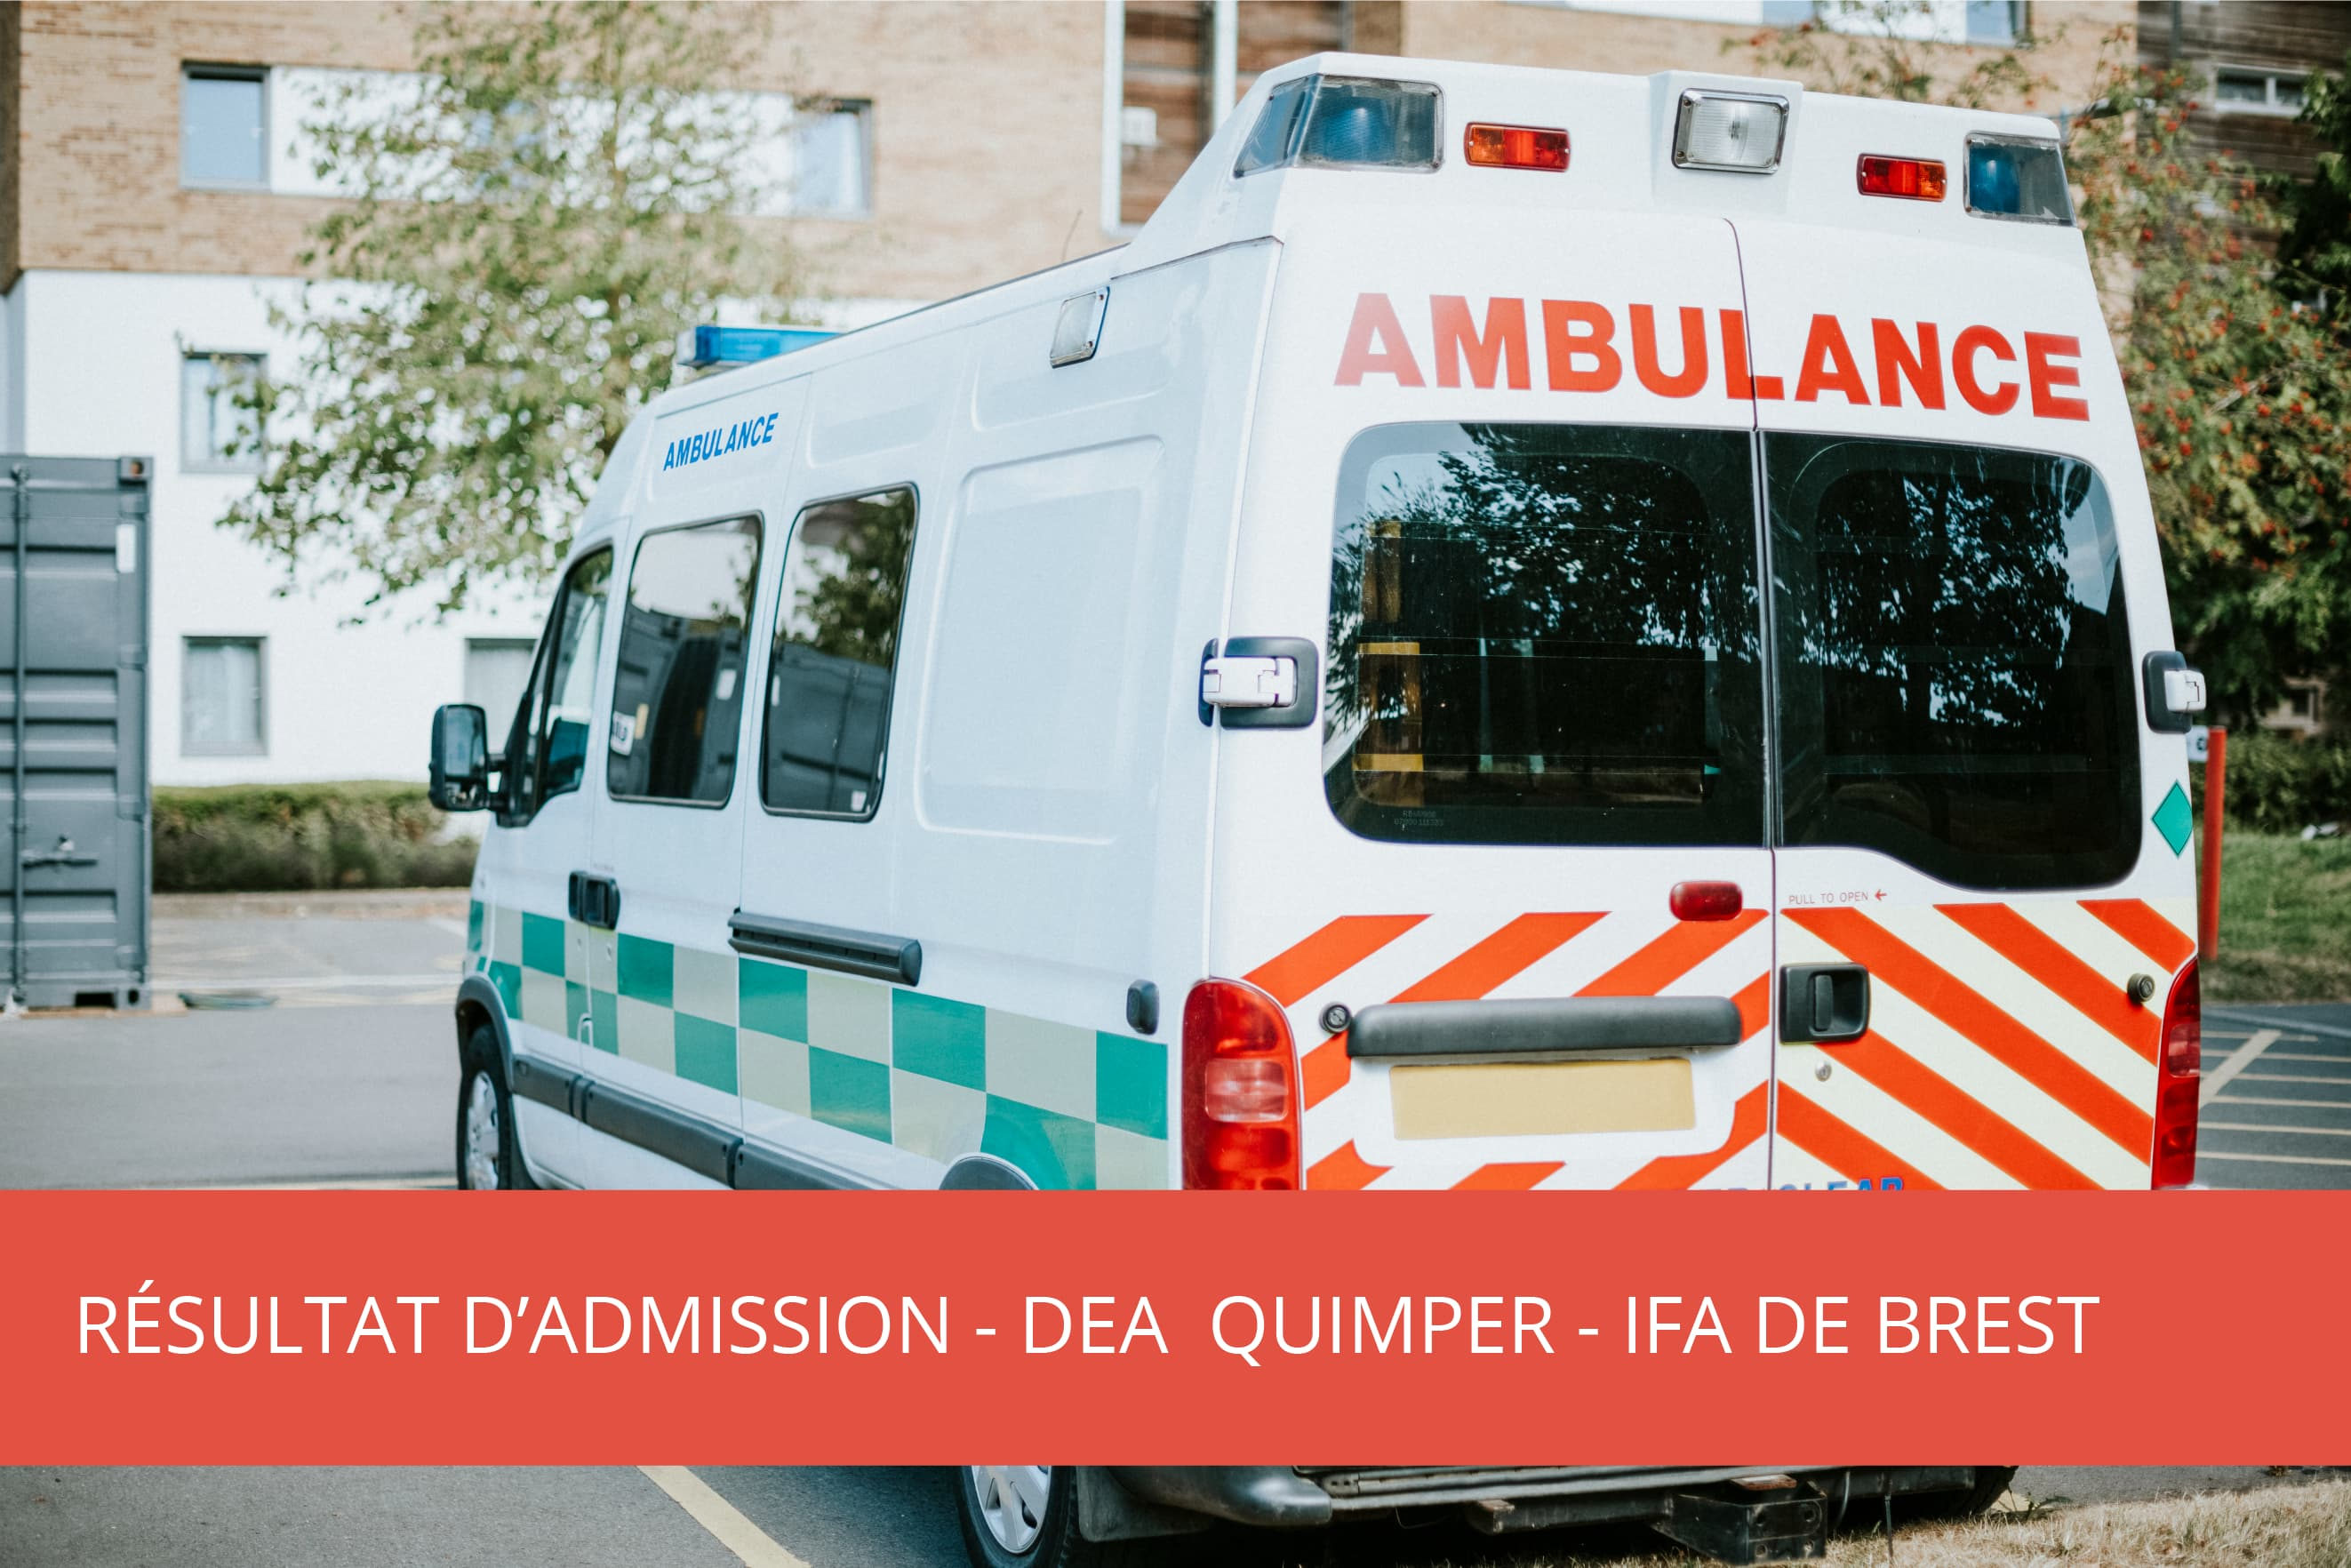 IFA Brest : DEA Quimper – Résultat d'admission – Jury du 11/06/2021